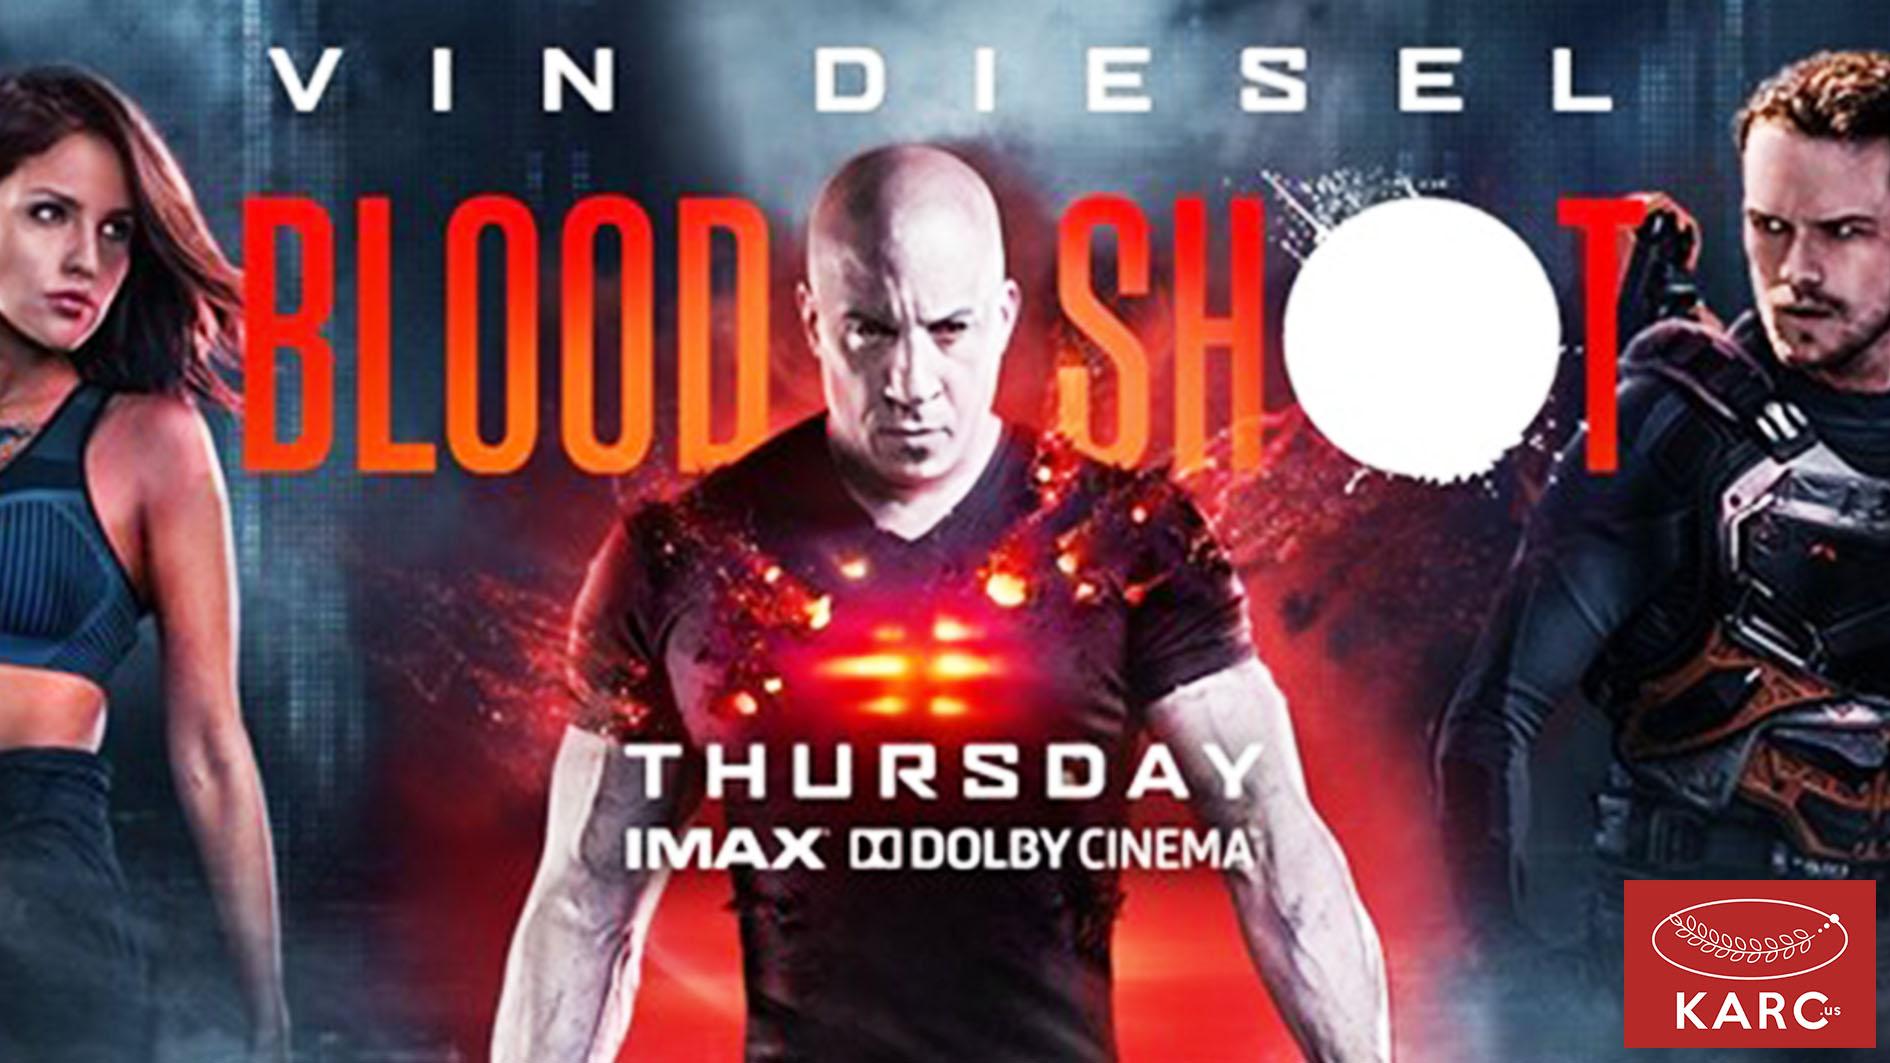 รีวิว Bloodshot จักรกลเลือดดุ วิน ดีเซล จะสลัดคราบ โดมินิค ออกหรือไม่ karc.us , วงการภาพยนต์ , แนะนำหนังดี , แนะนำหนังน่าดูหนังน่าดู , รีวิวหนังใหม่ , ก่อนตายต้องได้ดู! , ข่าวดารา , ข่าวเด่นประเด็นร้อน , รีวิวหนังใหม่ , หนังดังในอดีต